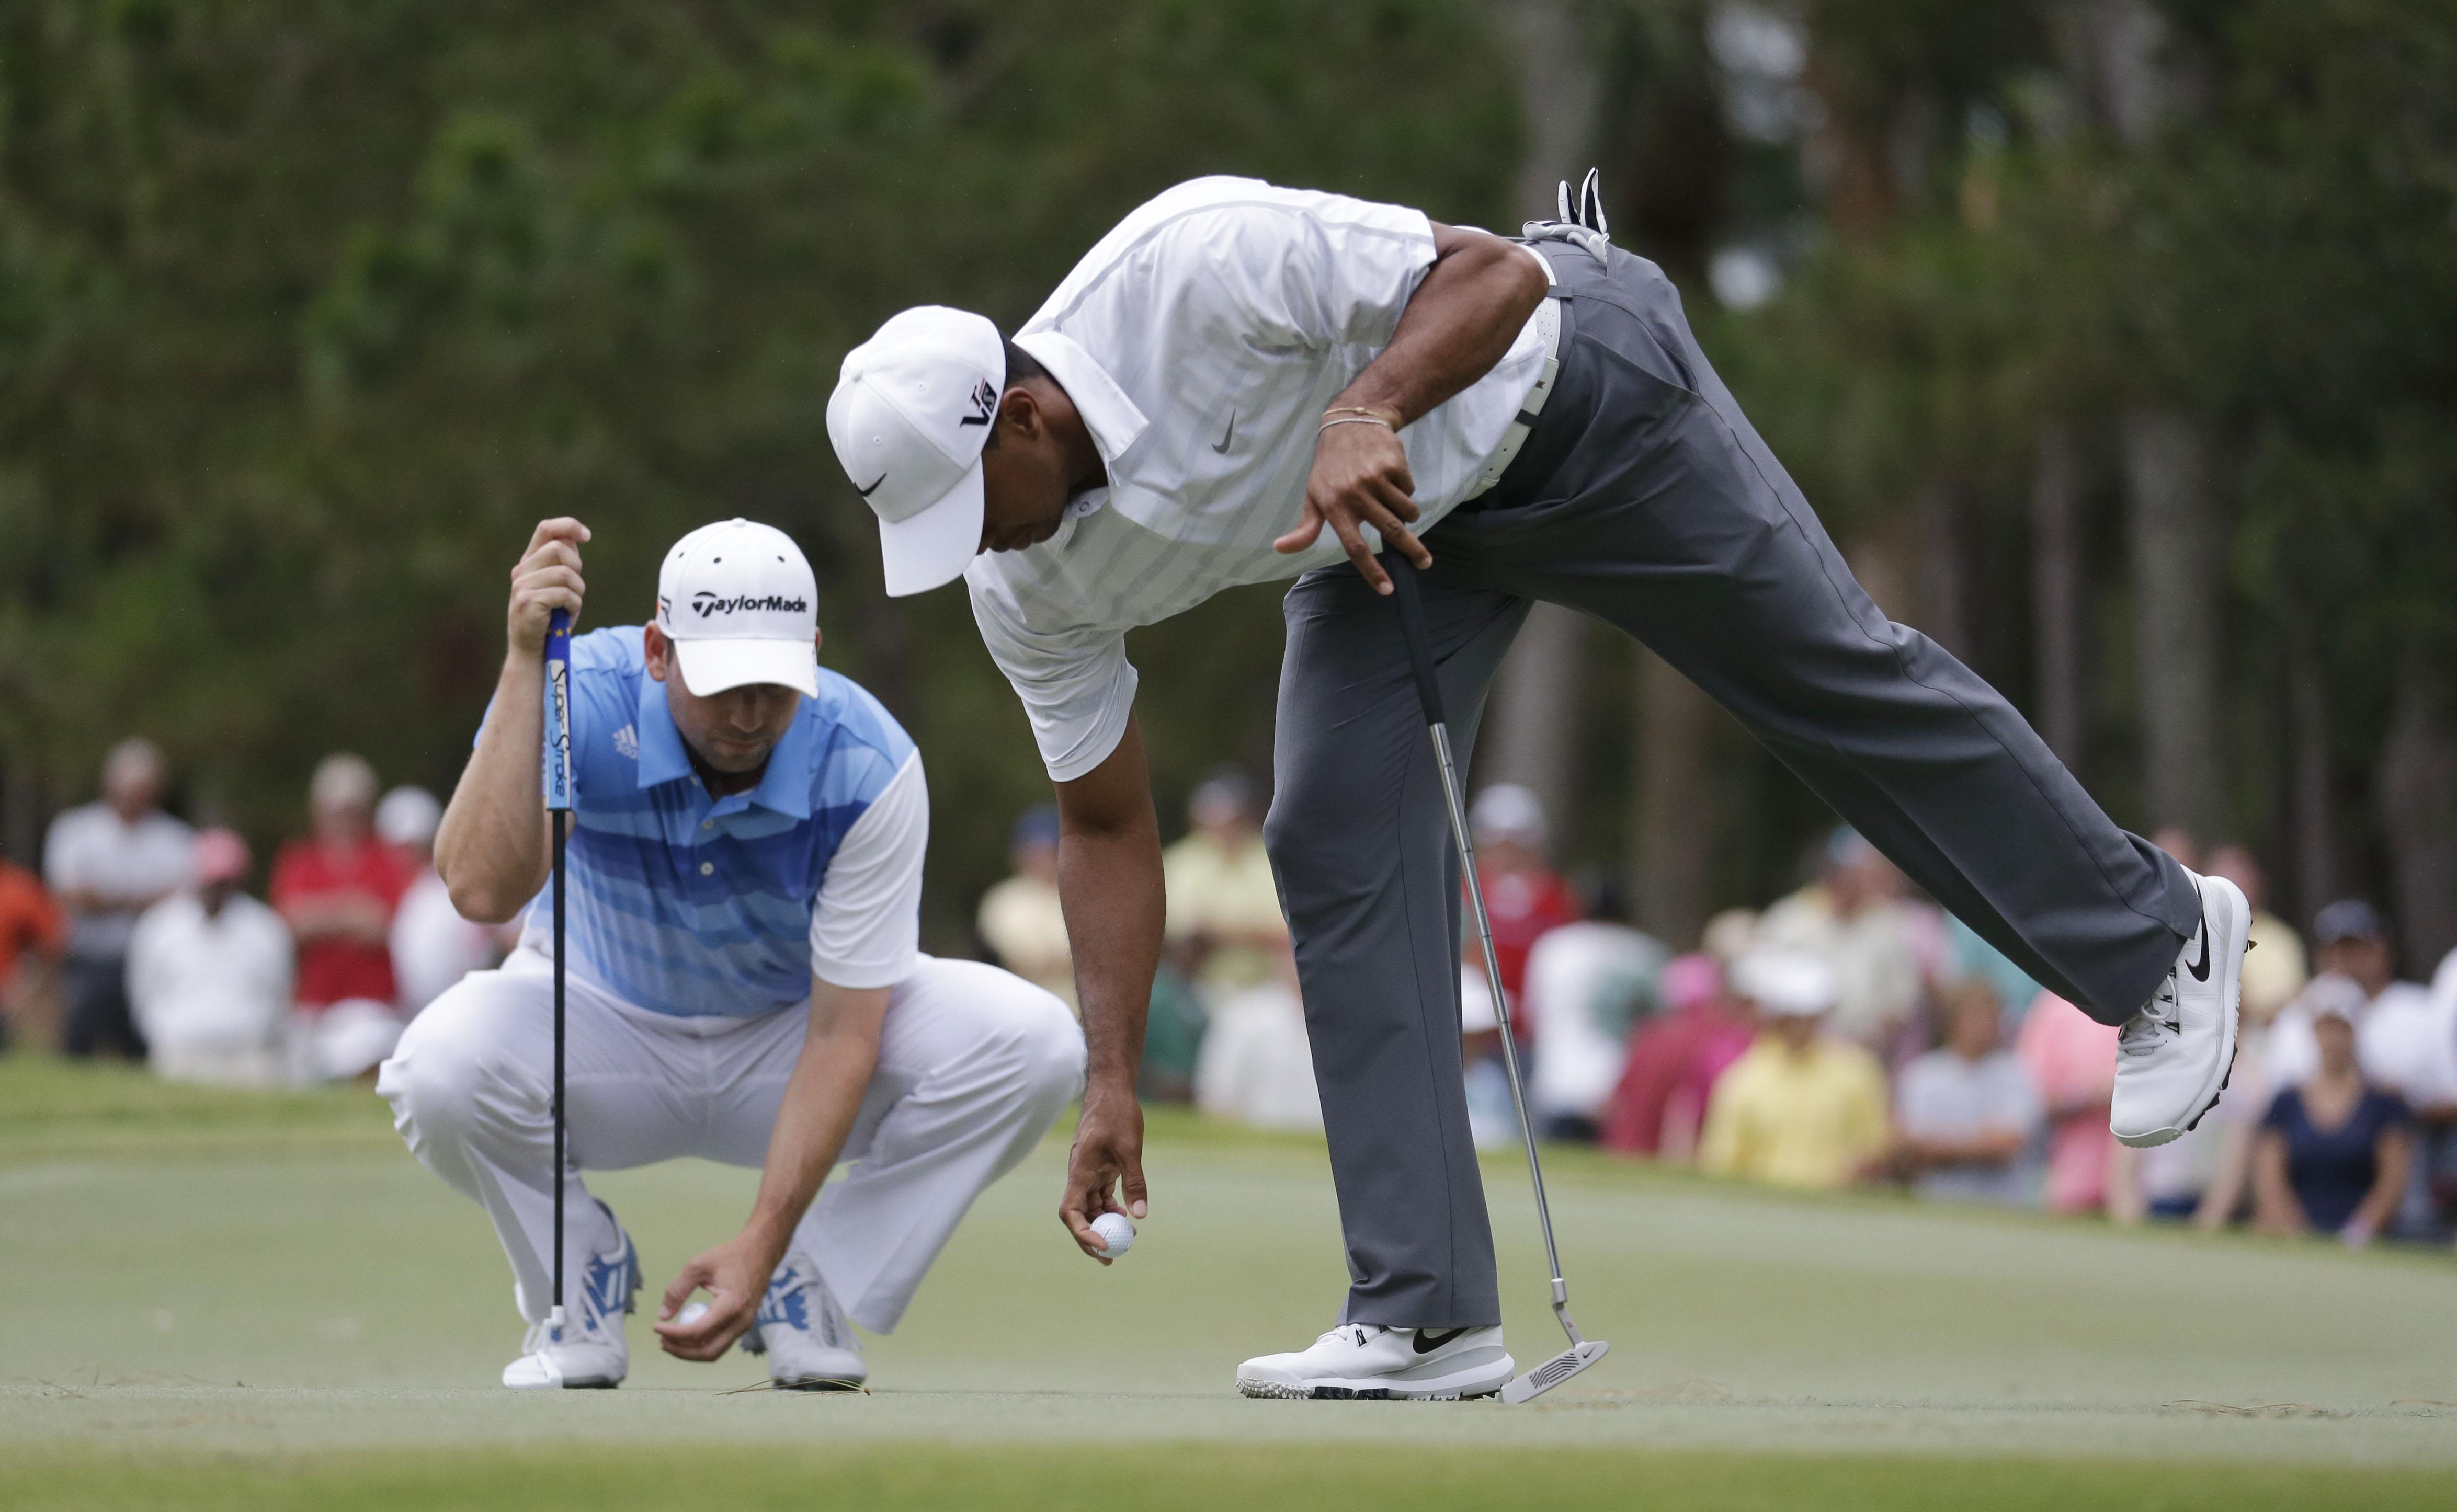 7. 2013: Tiger, Sergio go at it